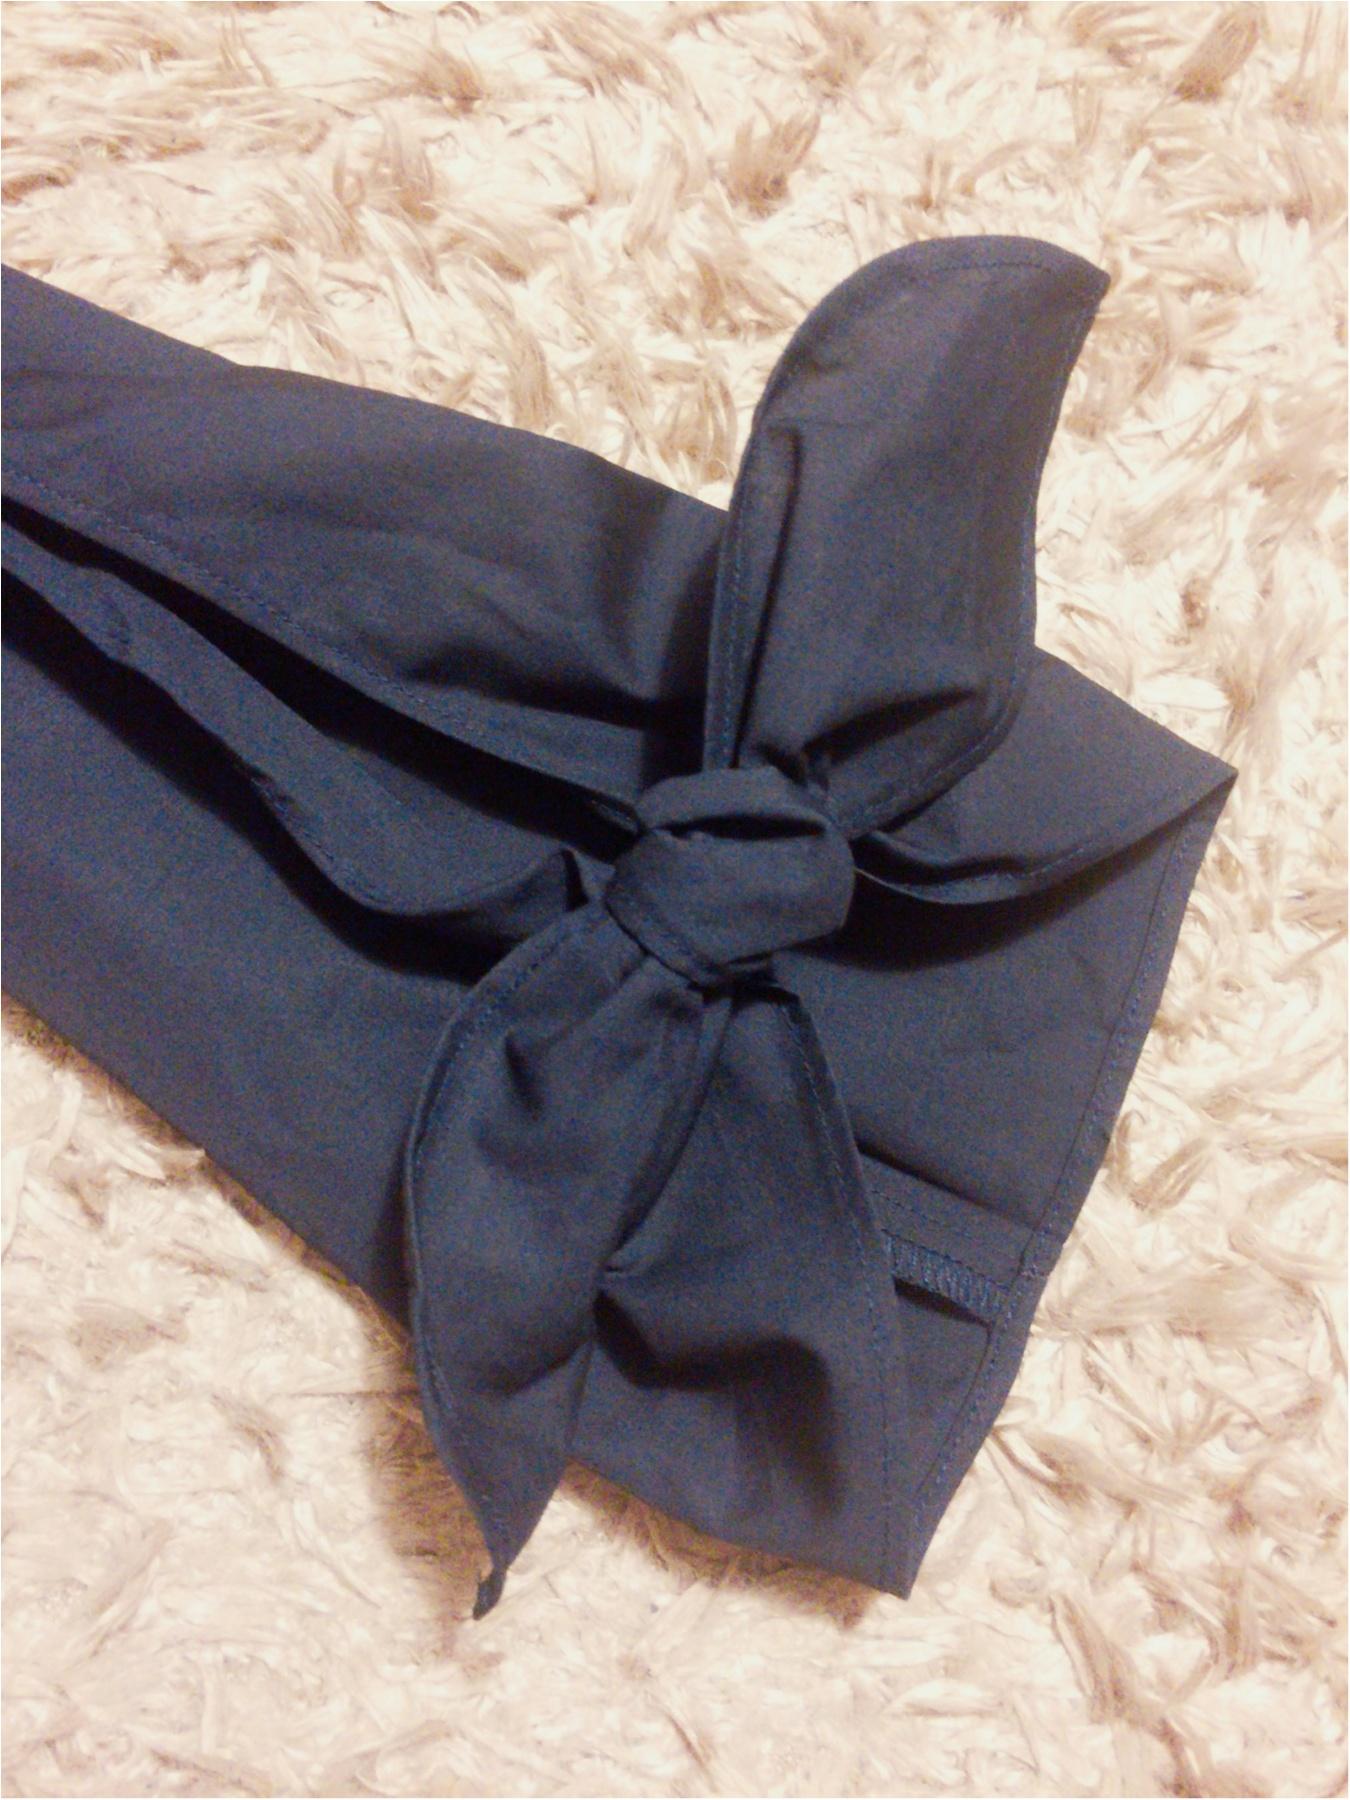 ♡イロチ買いしちゃいました!【GU】のリボン袖ブラウスが可愛すぎる♡_2